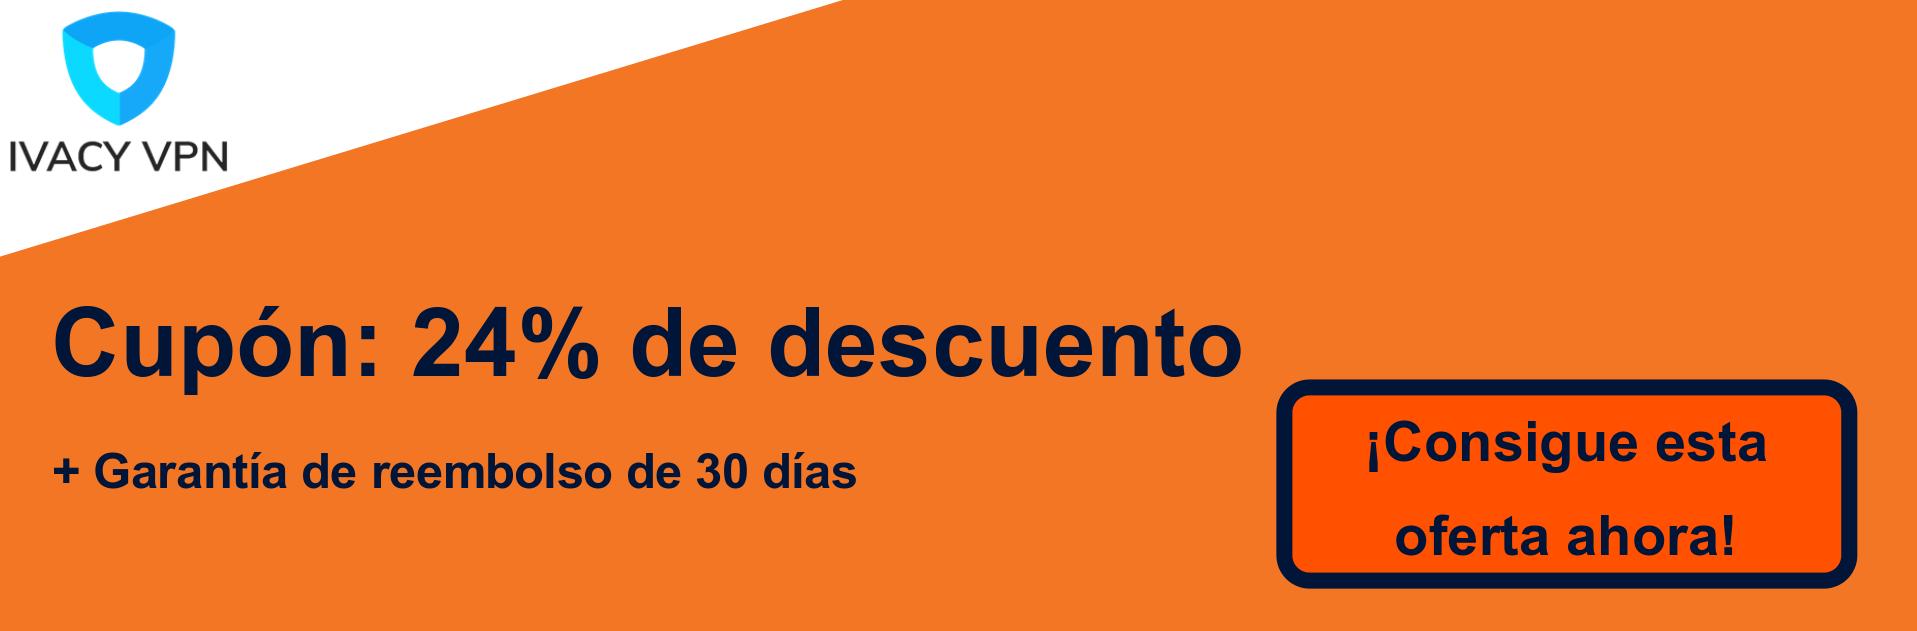 Ivacy VPN cupón banner: 24% de descuento